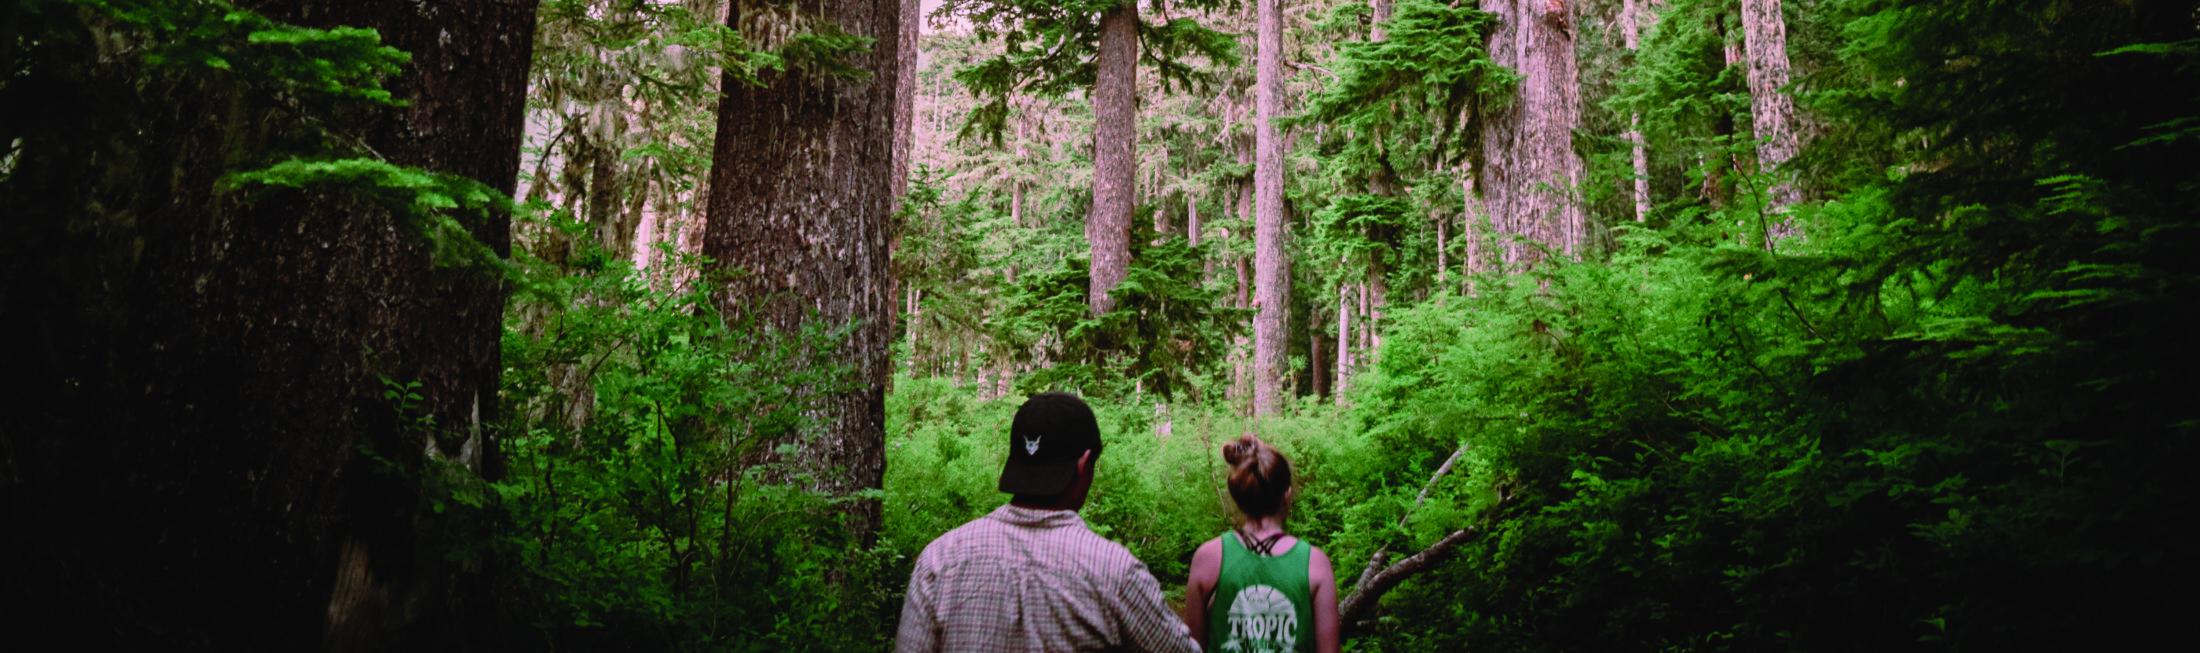 kaksi nuorta metsässä